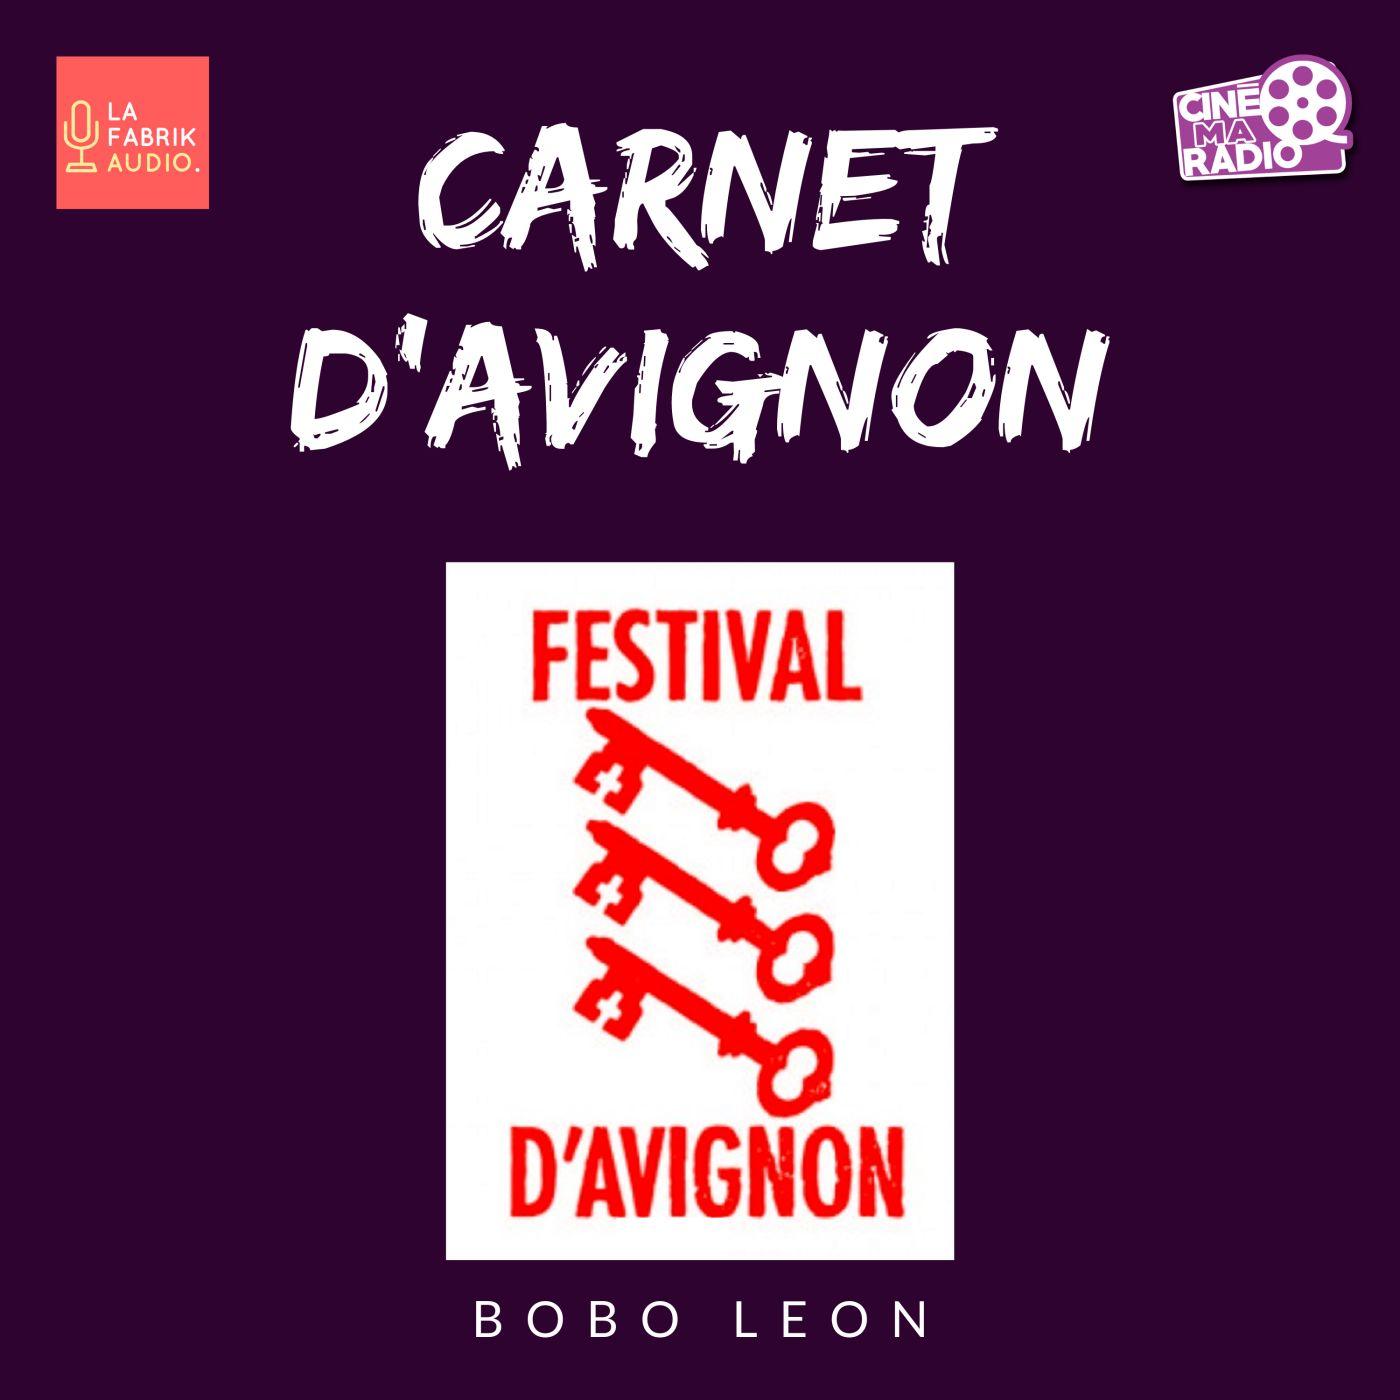 FESTIVAL D'AVIGNON | Carnet d'Avignon #02